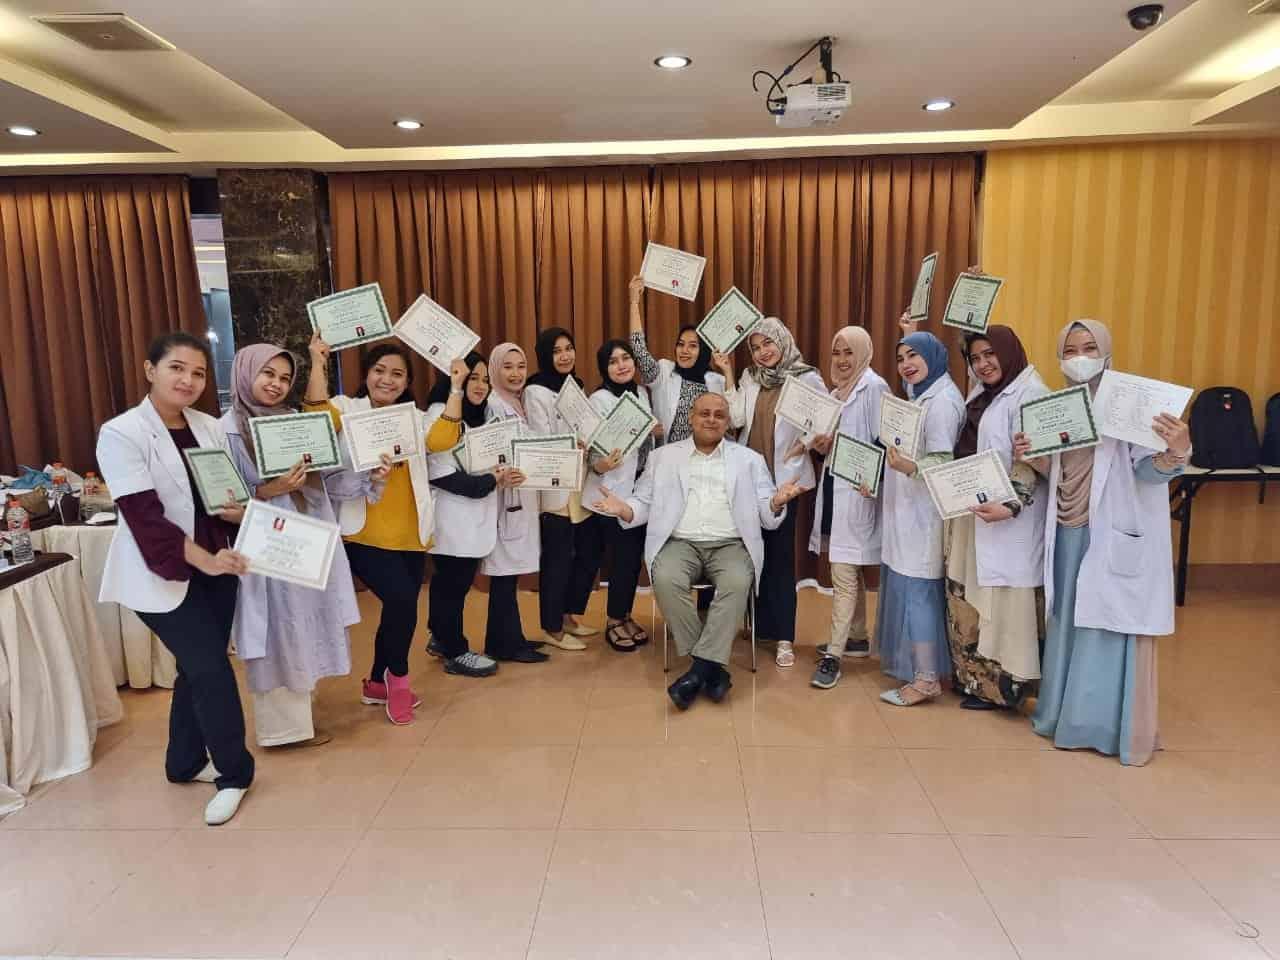 Kursus Kecantikan profesional bersama dr aldjoefrie aesthetic institute